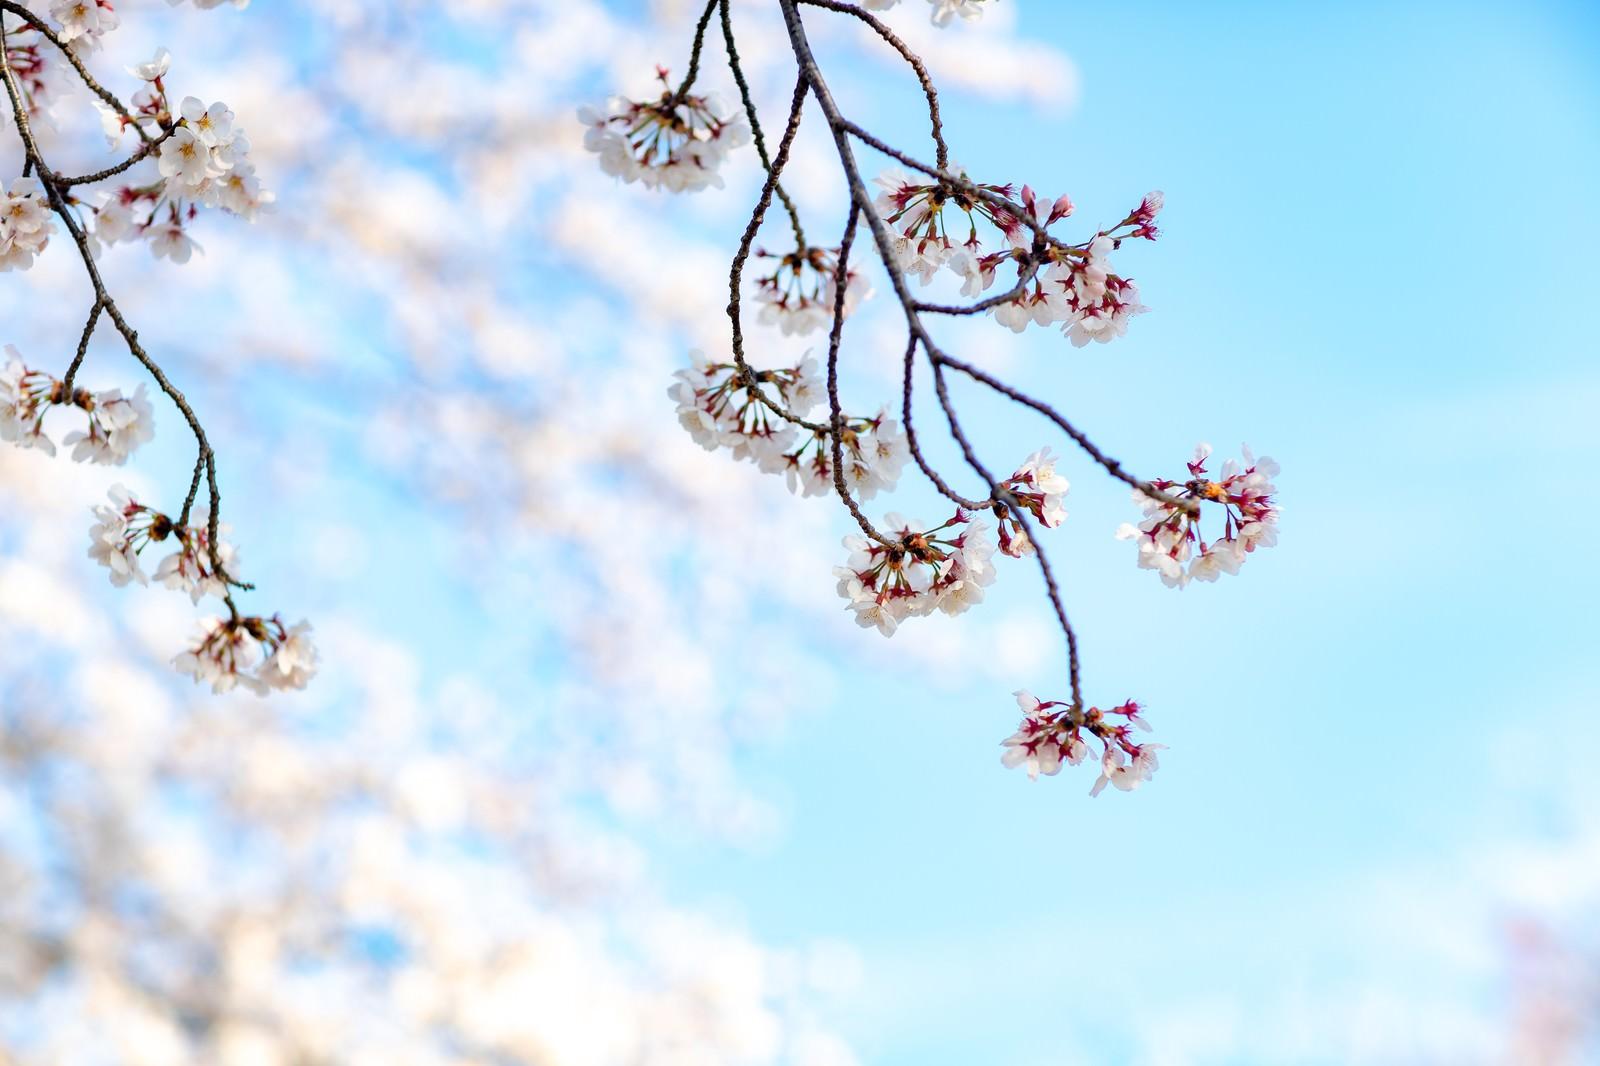 「サクラの春」の写真